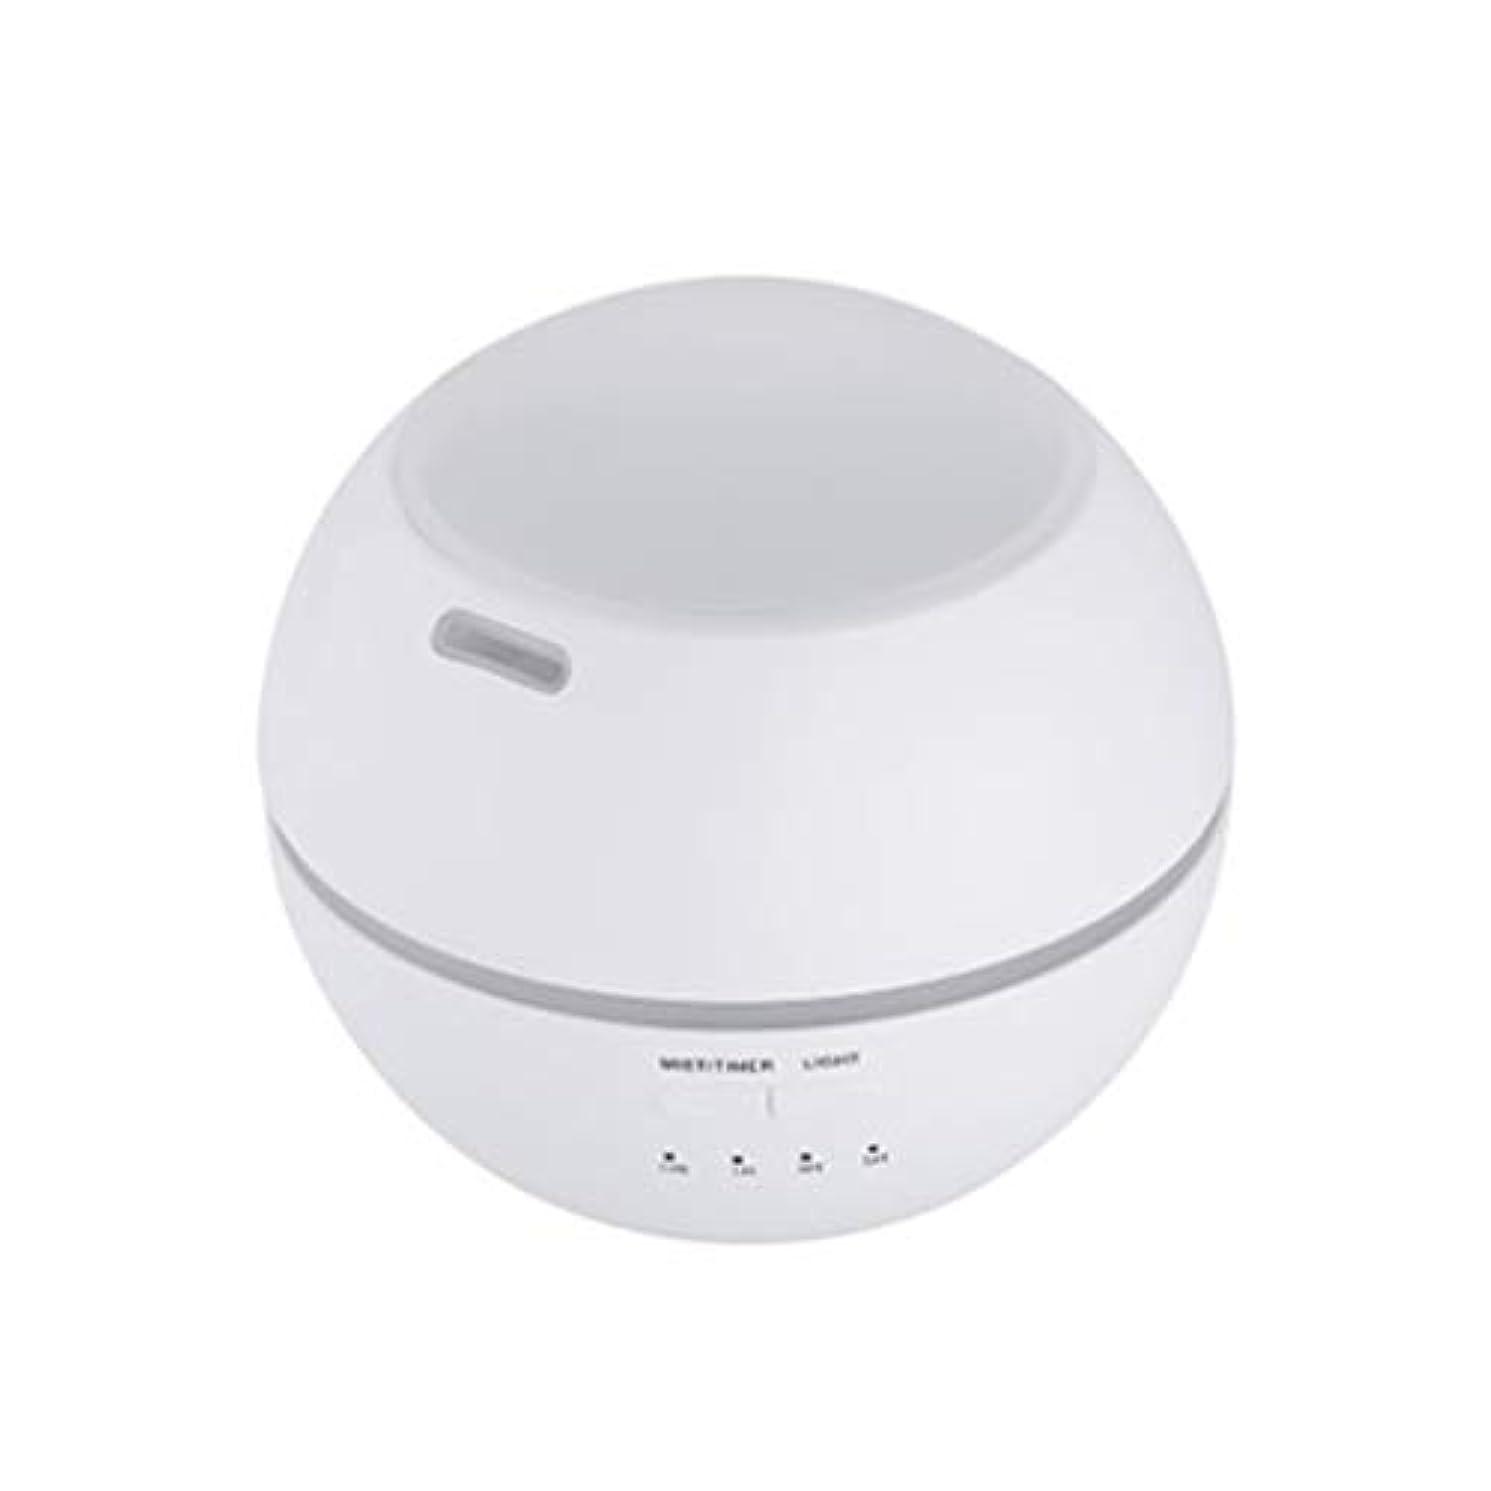 流星ペア発掘するマルチライトマシンクリエイティブ超音波加湿器ランプ家庭用必須ディフューザーギフト (Color : White)